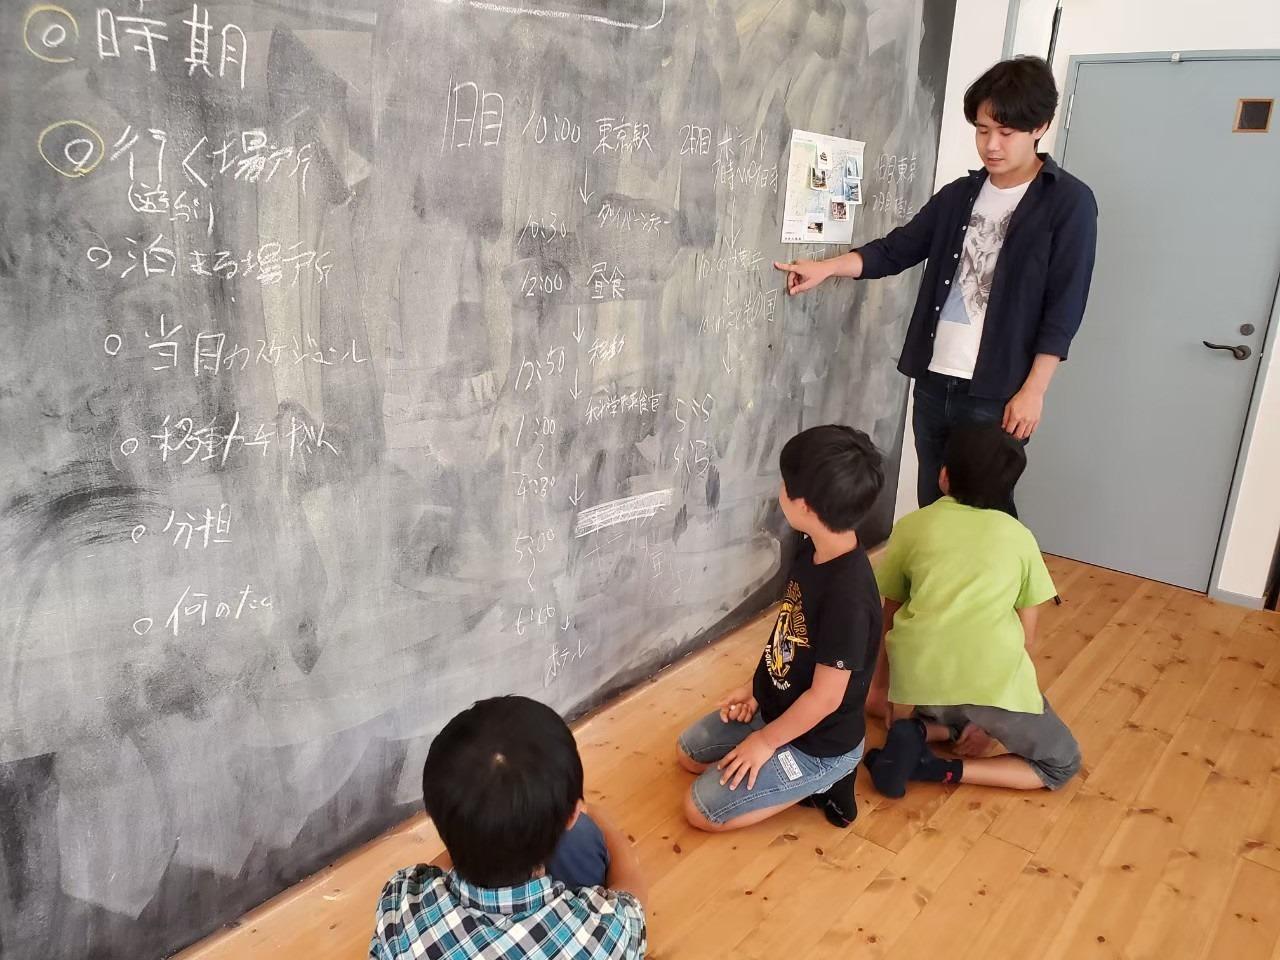 【AIと教育で地域の未来を変える】東大卒で山形に移住した若者の挑戦|山形で働く20代のリアルvol.7